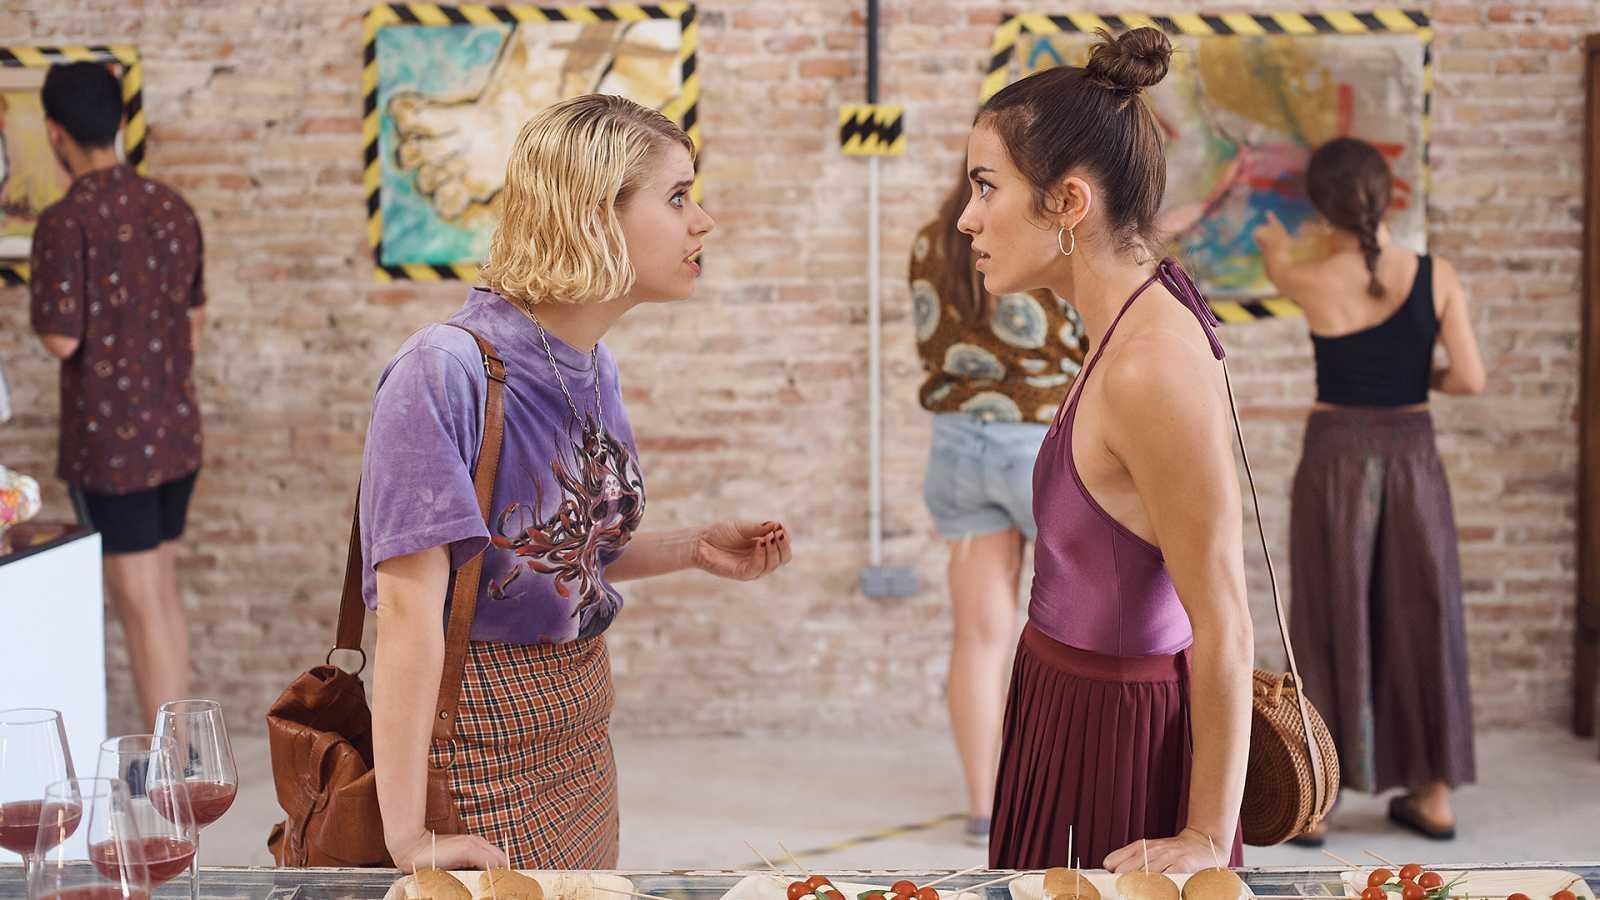 El debat sobre el castellà a TV3 torna al primer pla amb 'Drama'